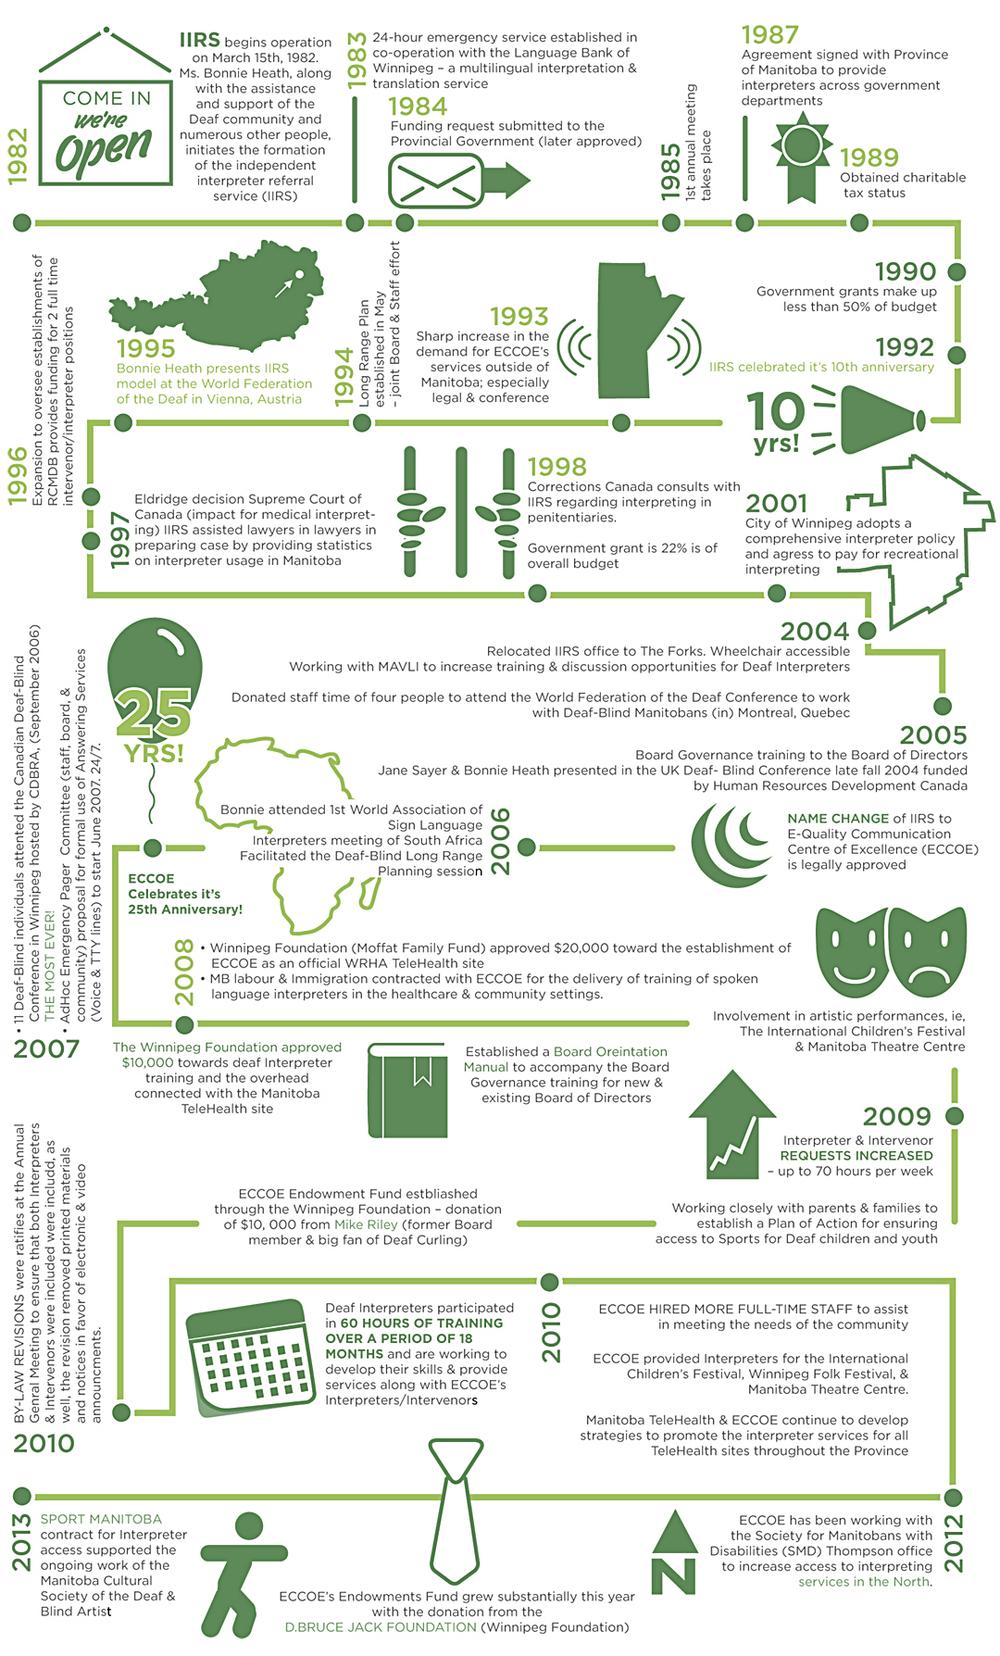 ECCOE-History-InfoGraphic-1982-to-2013